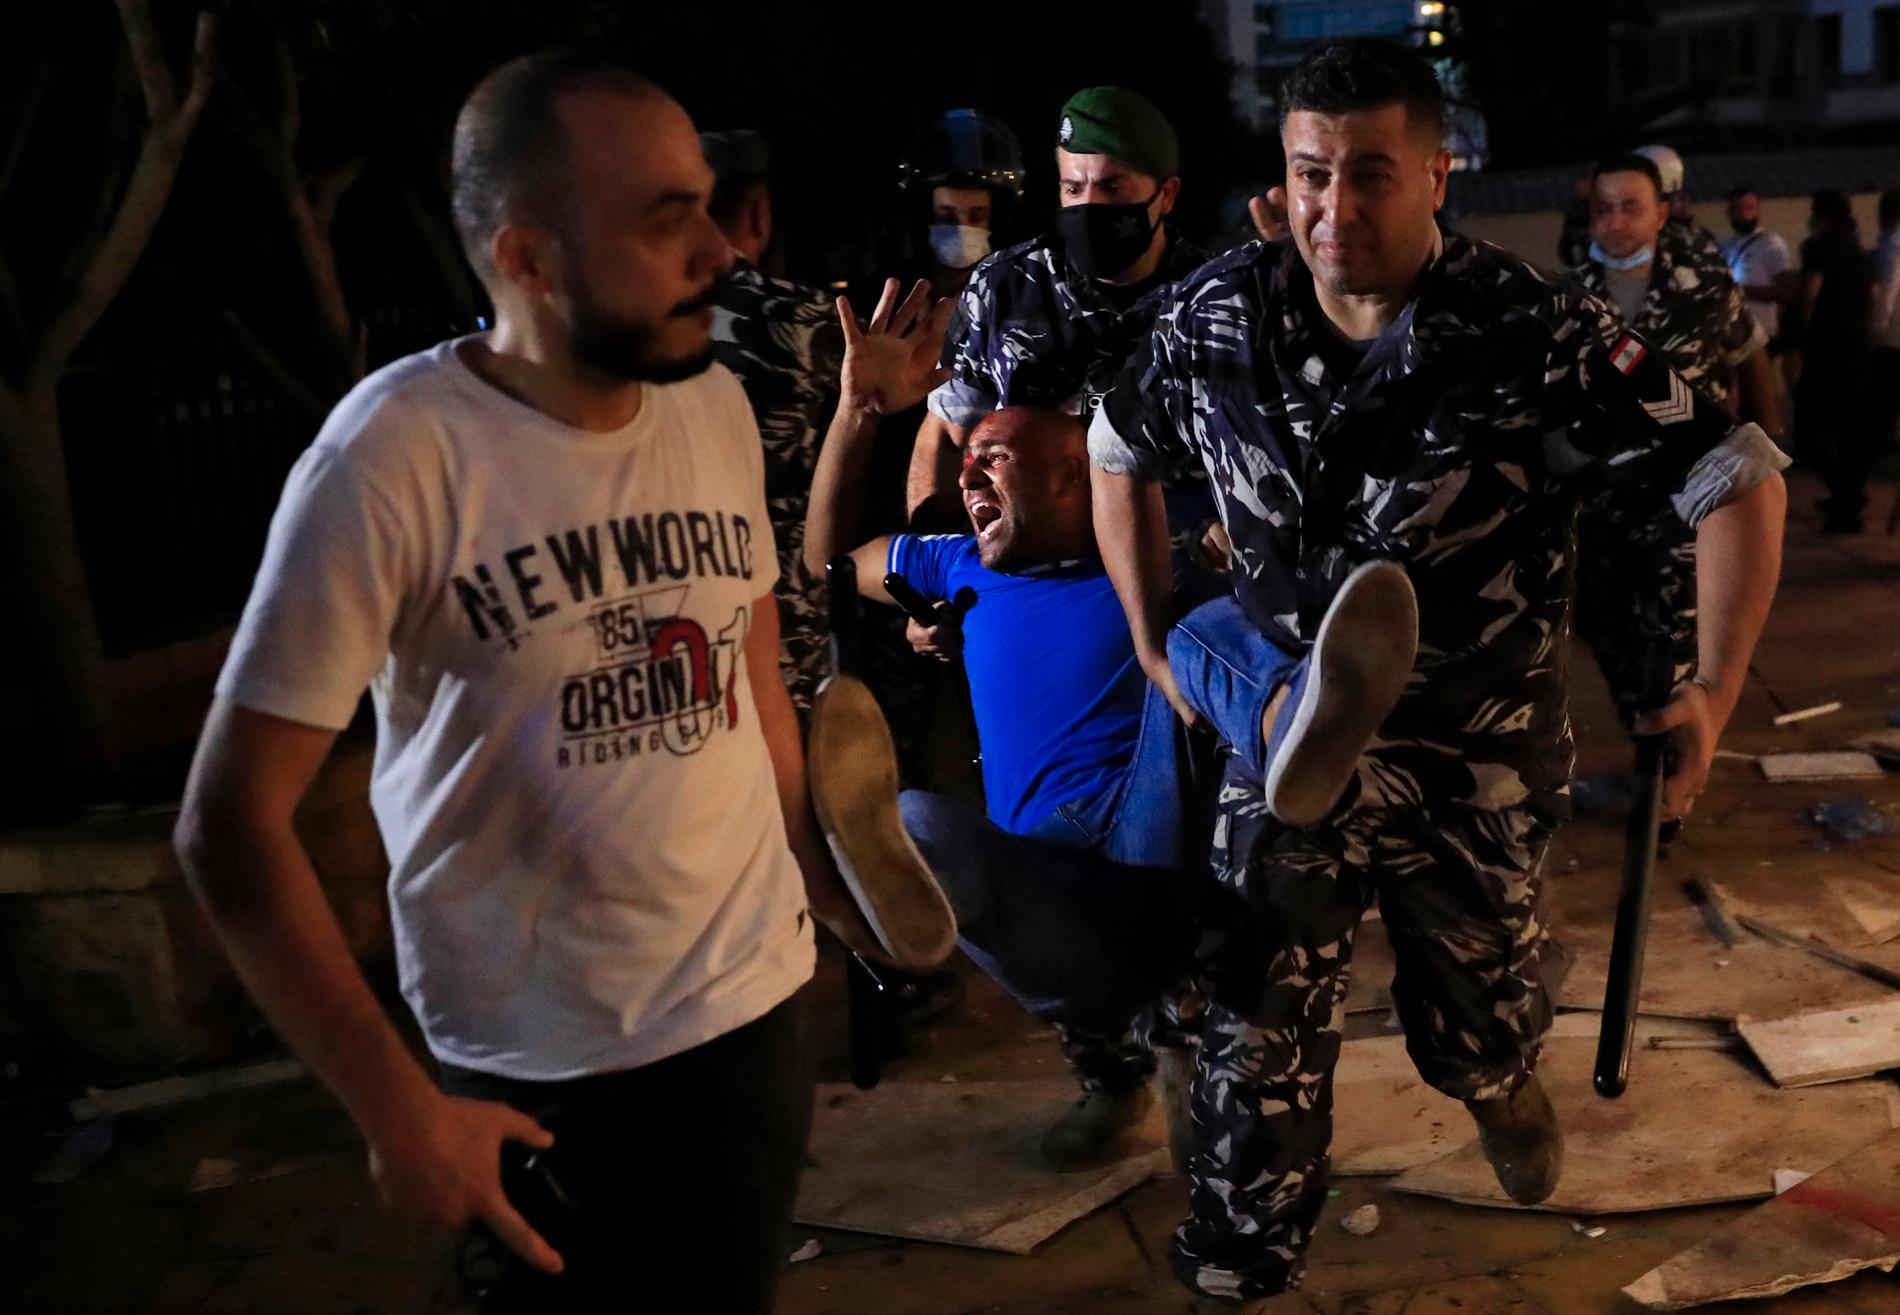 Polismän bär iväg en man som skadats i protester i Libanons huvudstad Beirut. Protesterna gäller vad som uppfattas som myndigheternas försök att förhindra en utredning av vad som låg bakom den omfattande explosionen. Arkivbild.